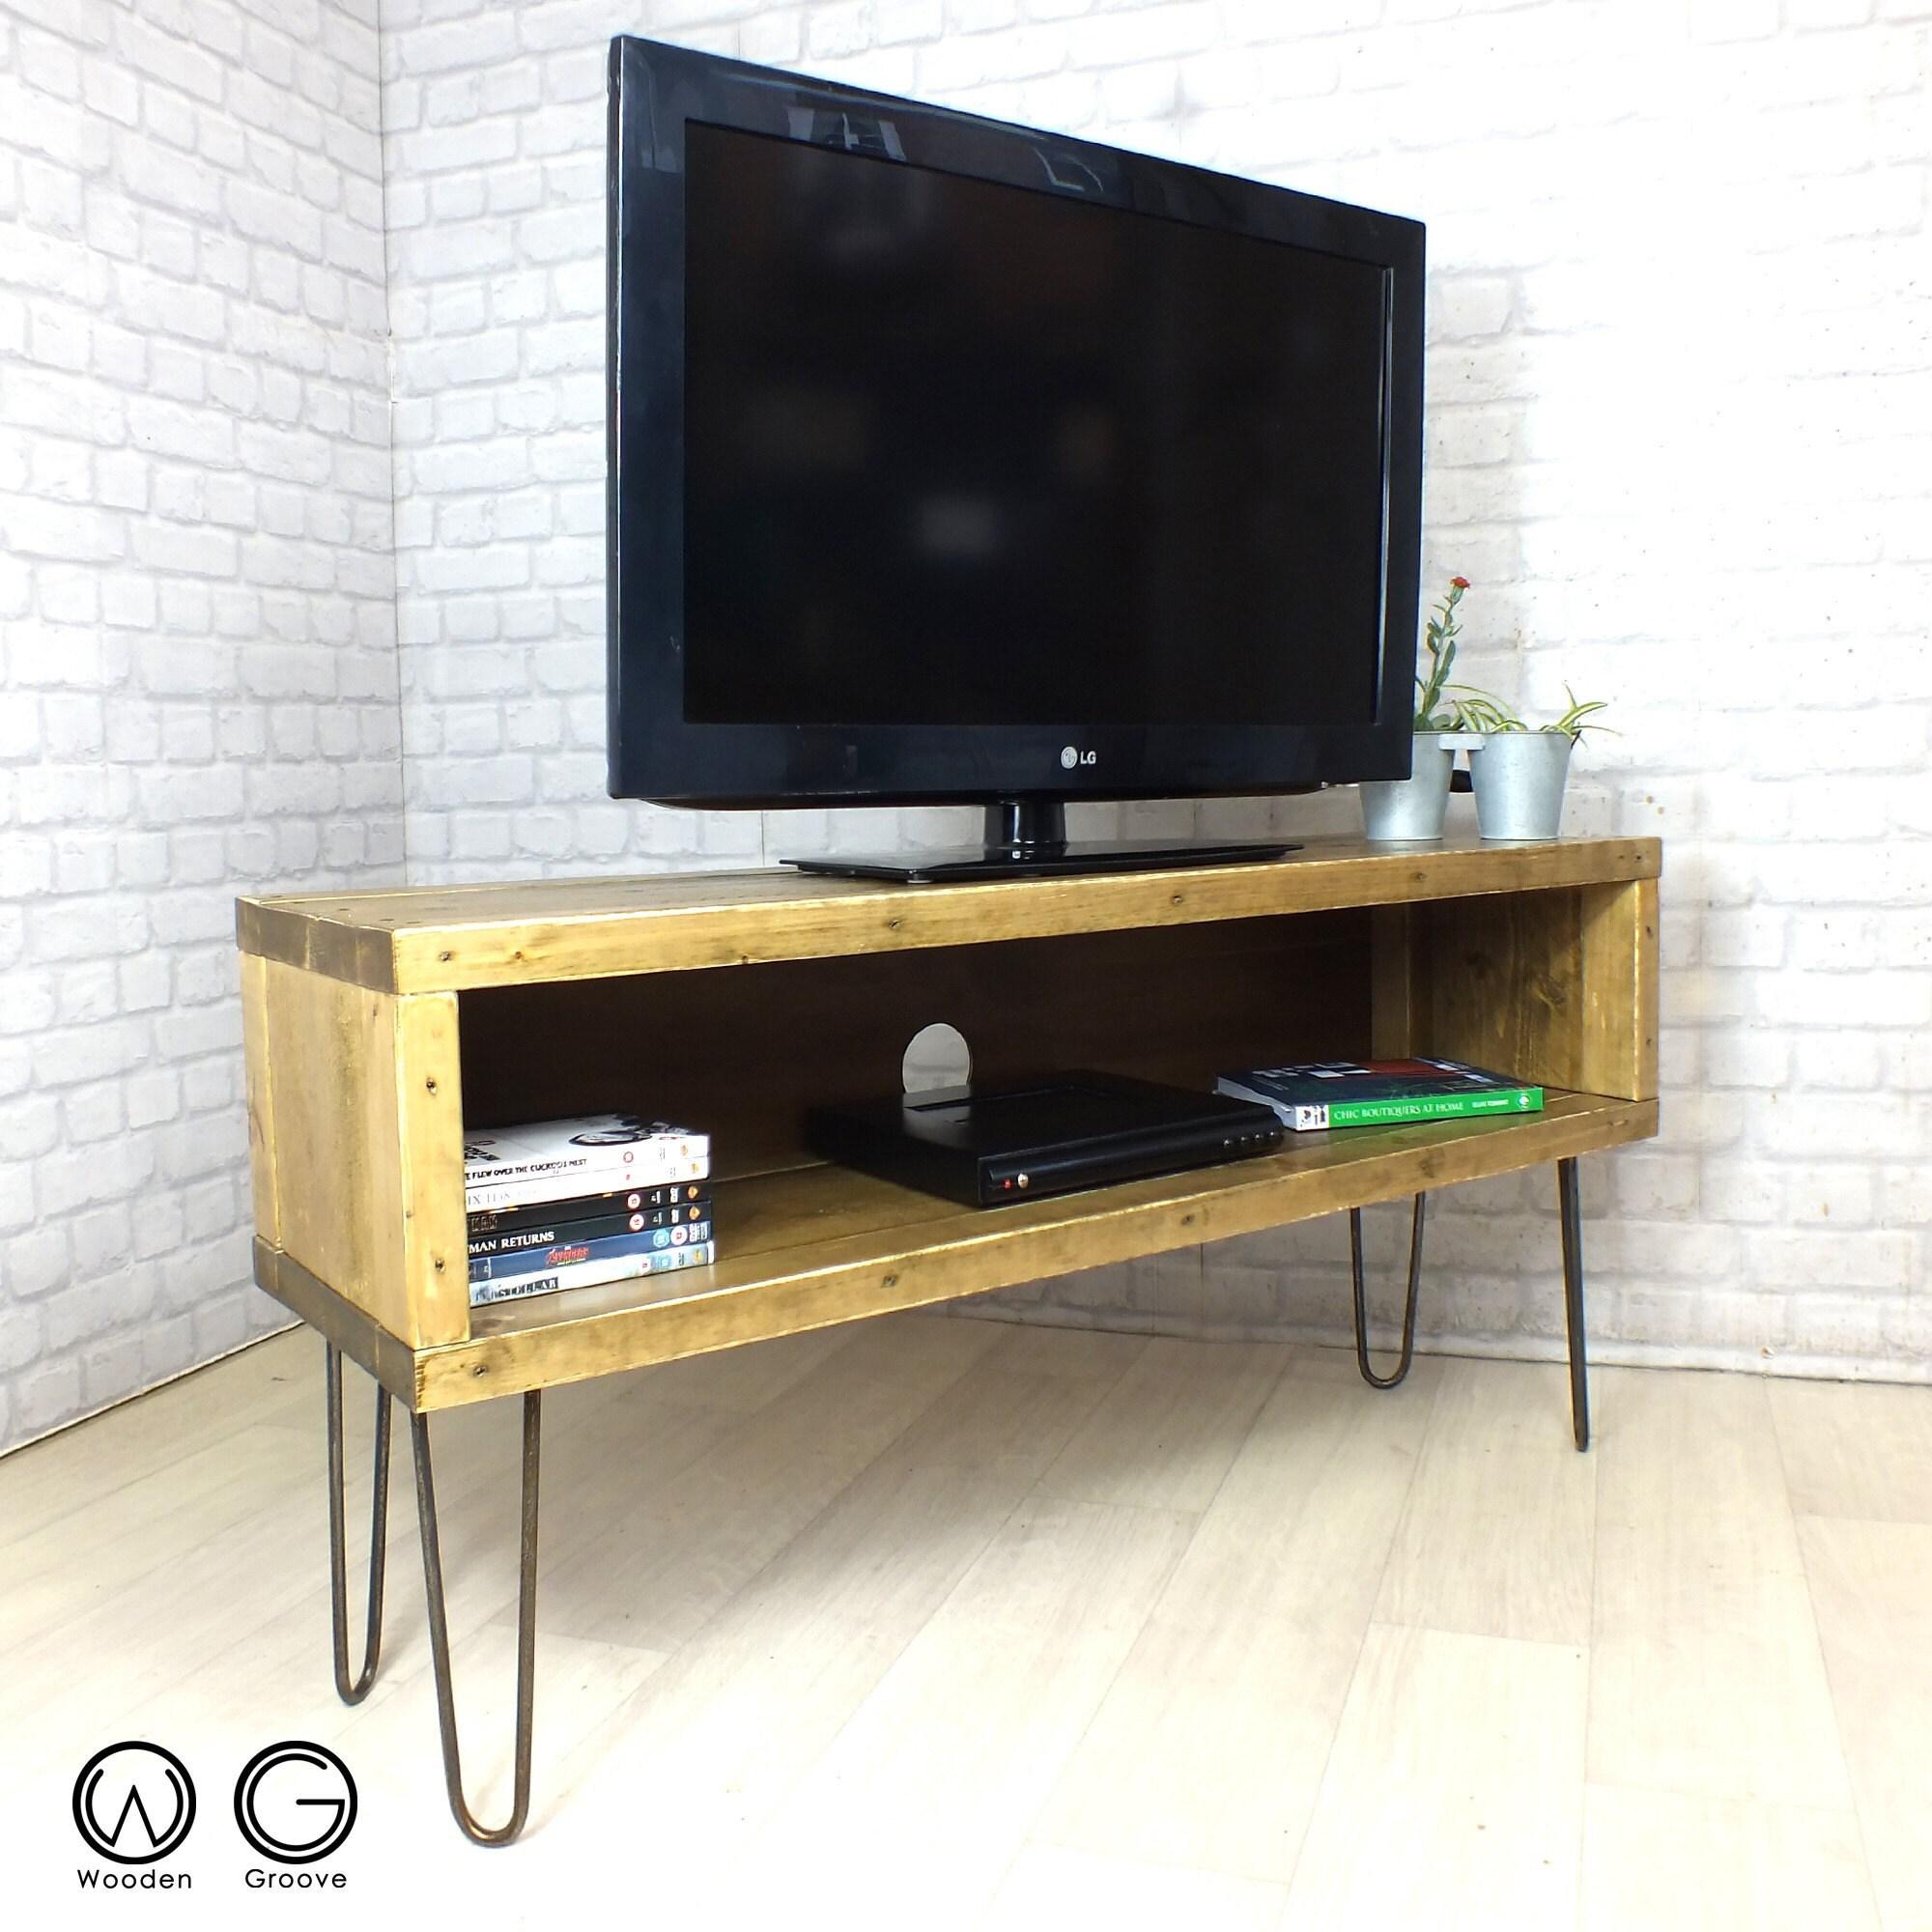 Communiqu S De Woodengroove Sur Etsy # Table Pour Tv